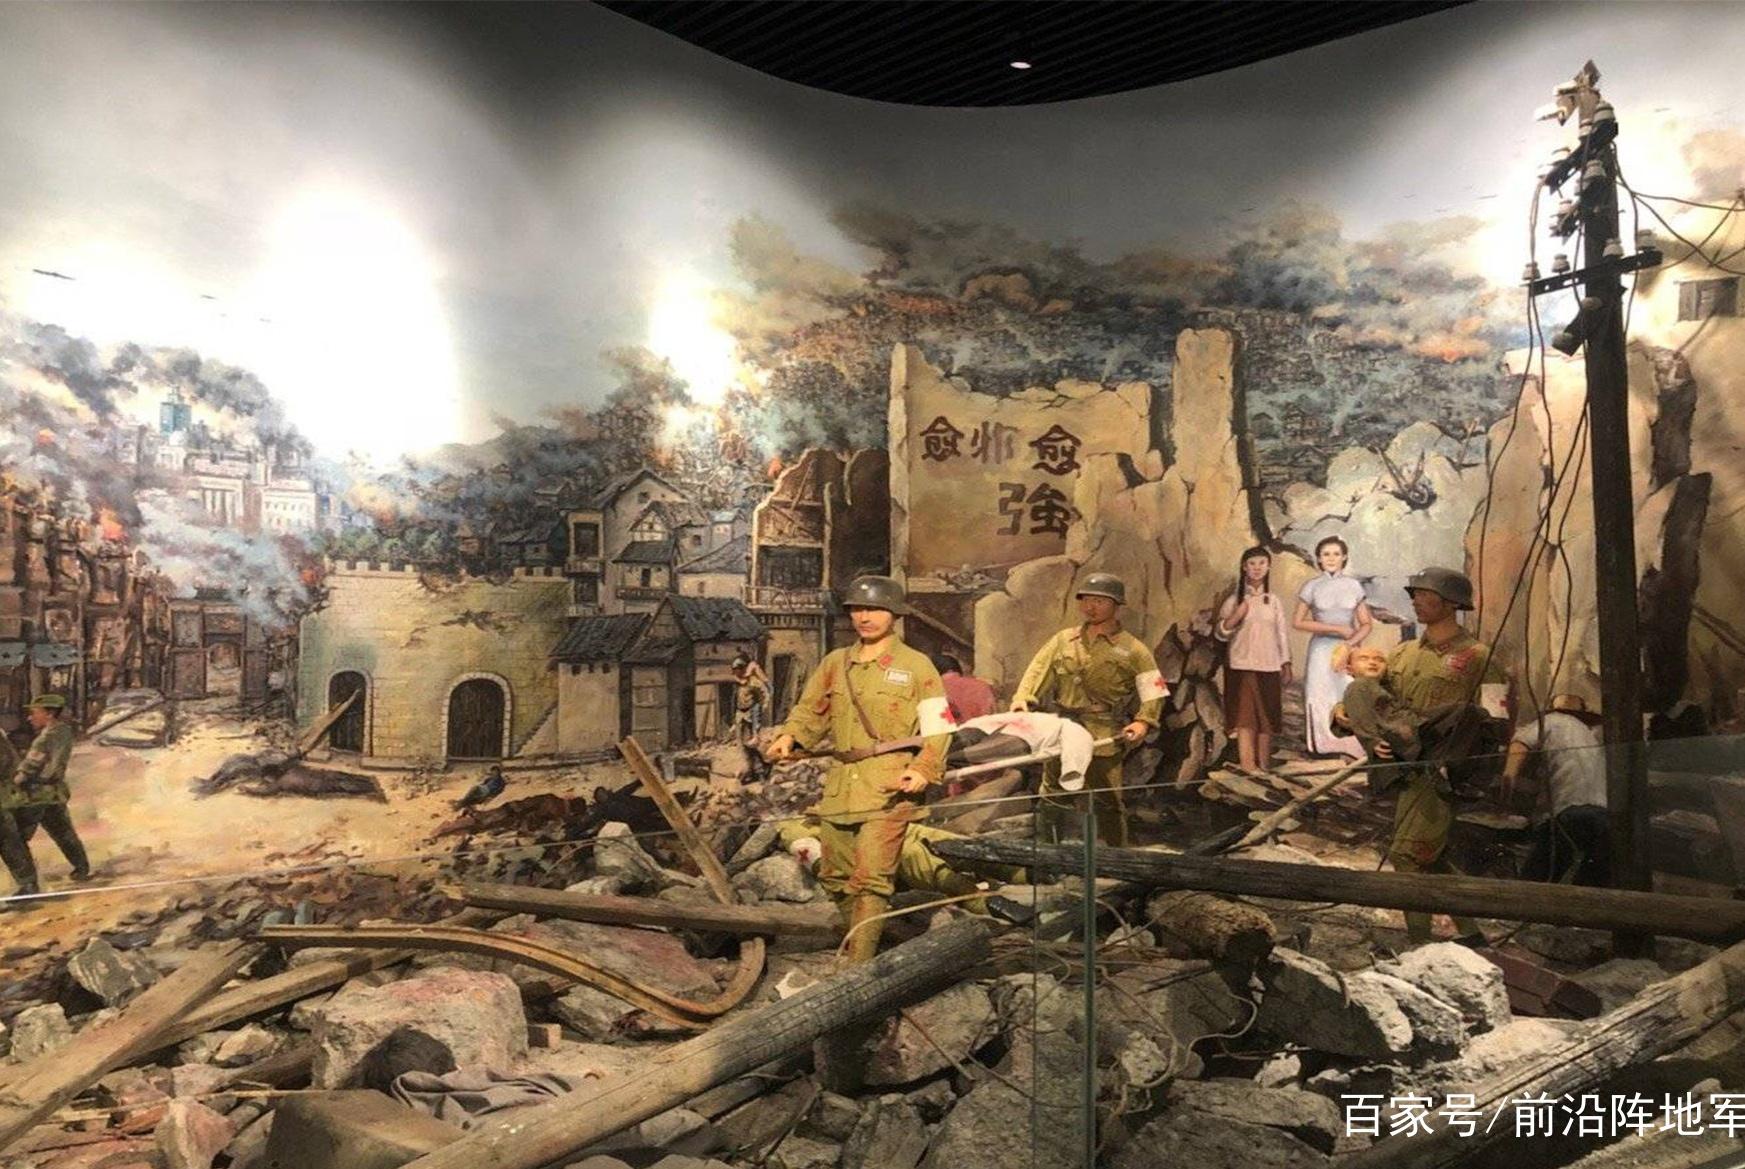 深圳女孩到美国参军,所在部队曾虐待逼死华人,经常集体投降